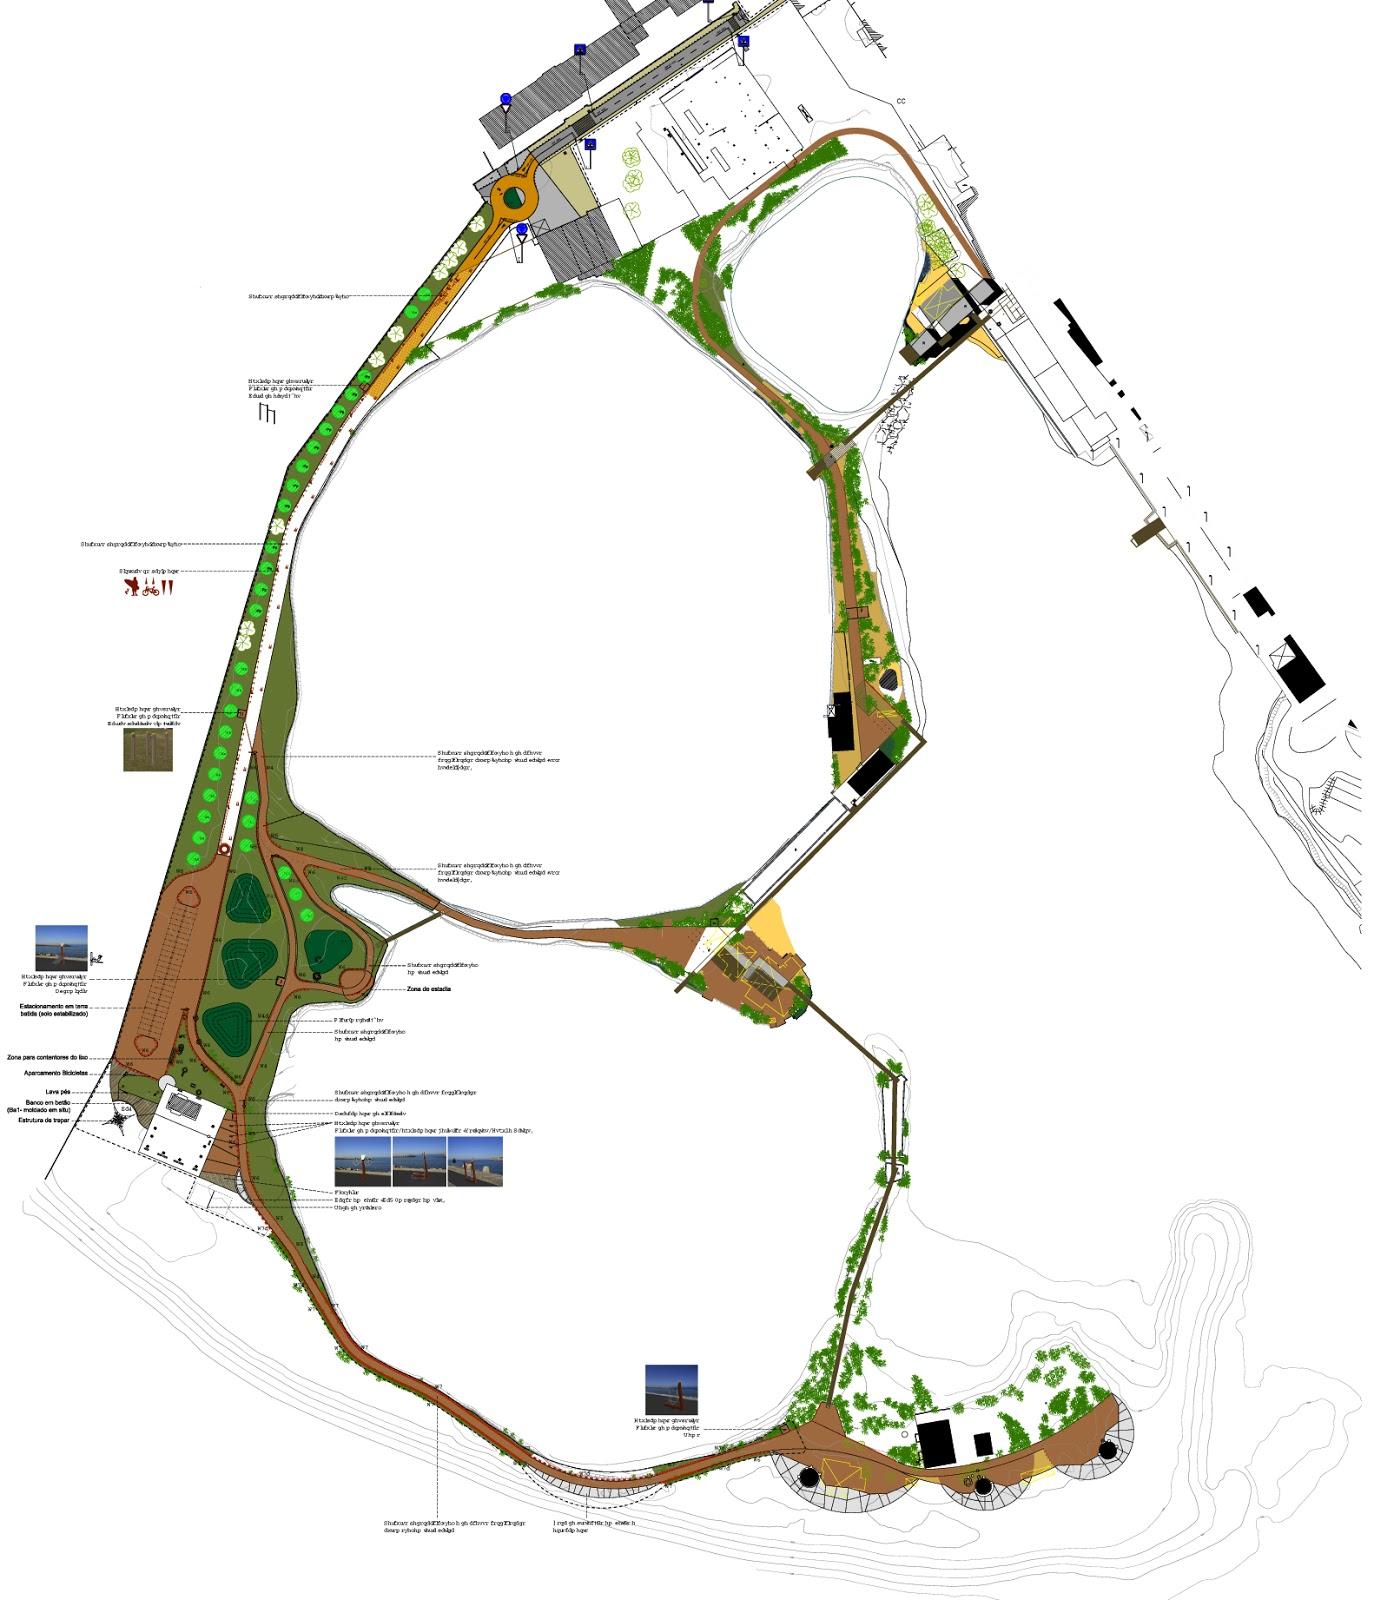 Plano da Praia Fluvial e Circuito da Alburrica